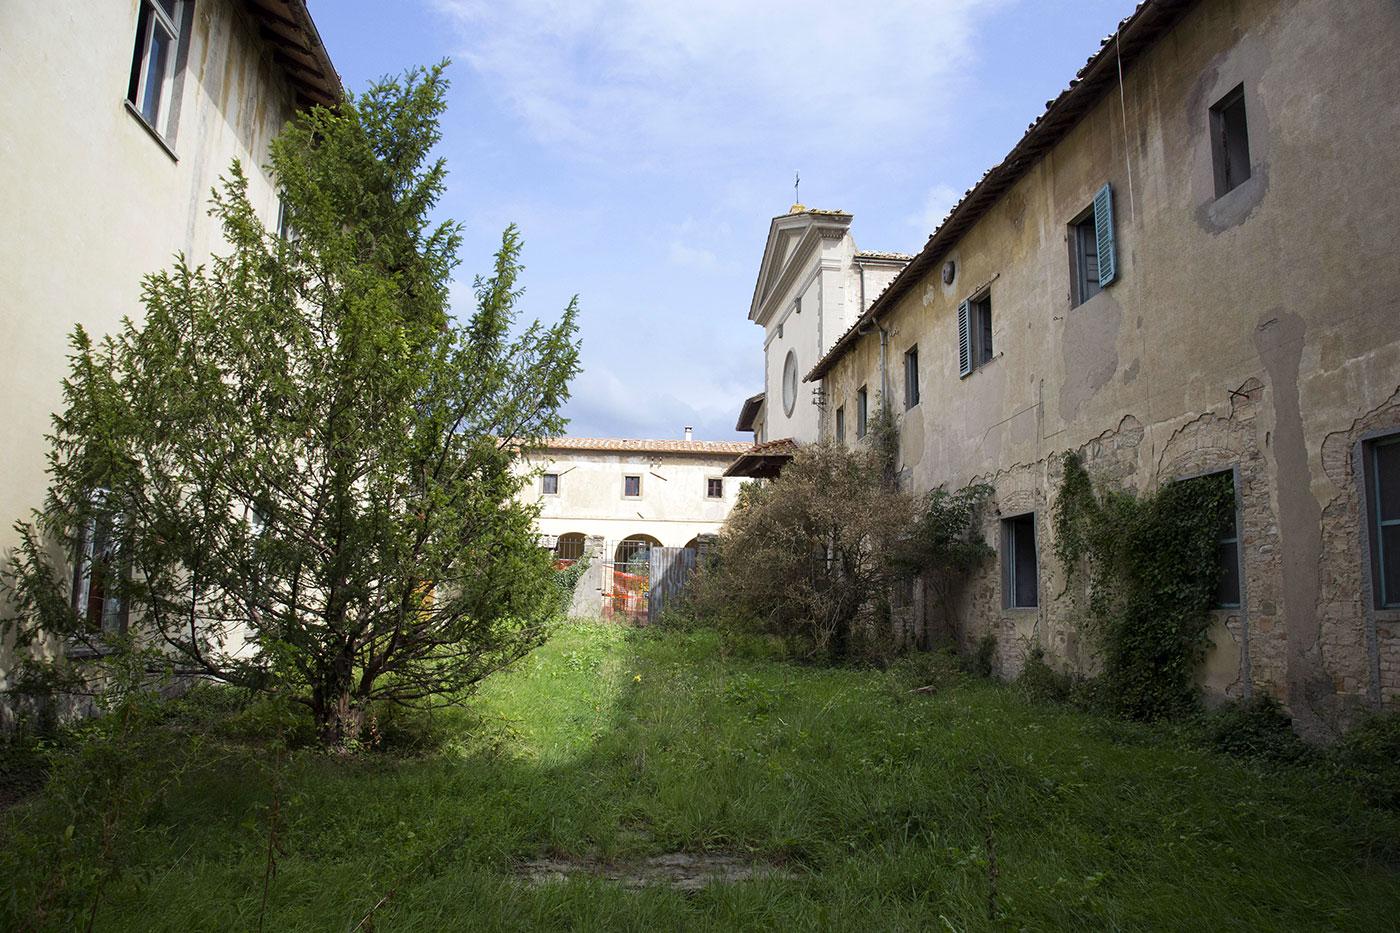 ex-monastero-ex-ospedale-luco-di-mugello-foto-francesco-noferini-2017-4